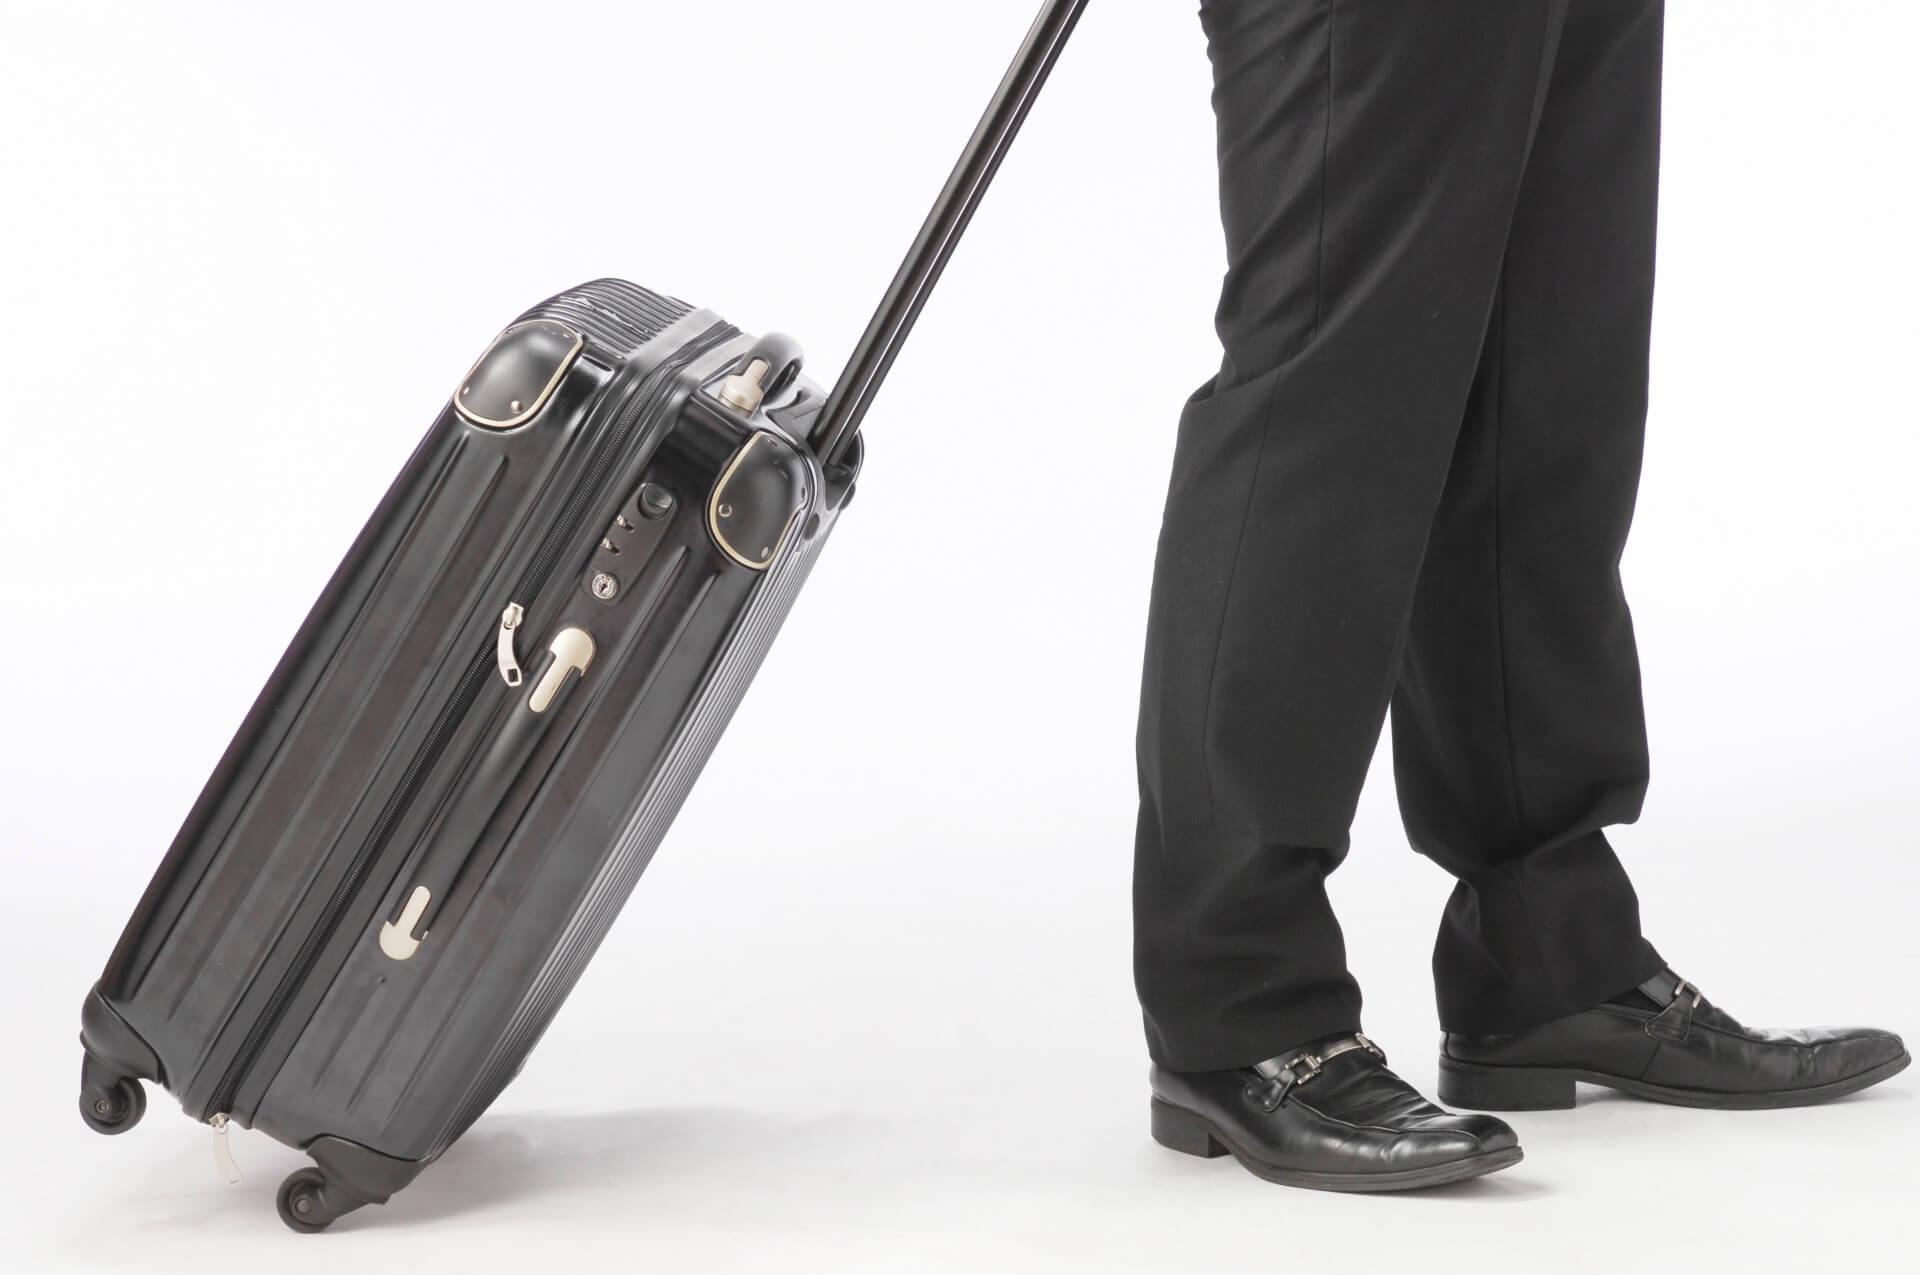 軽量なスーツケースを持って移動するビジネスマン。